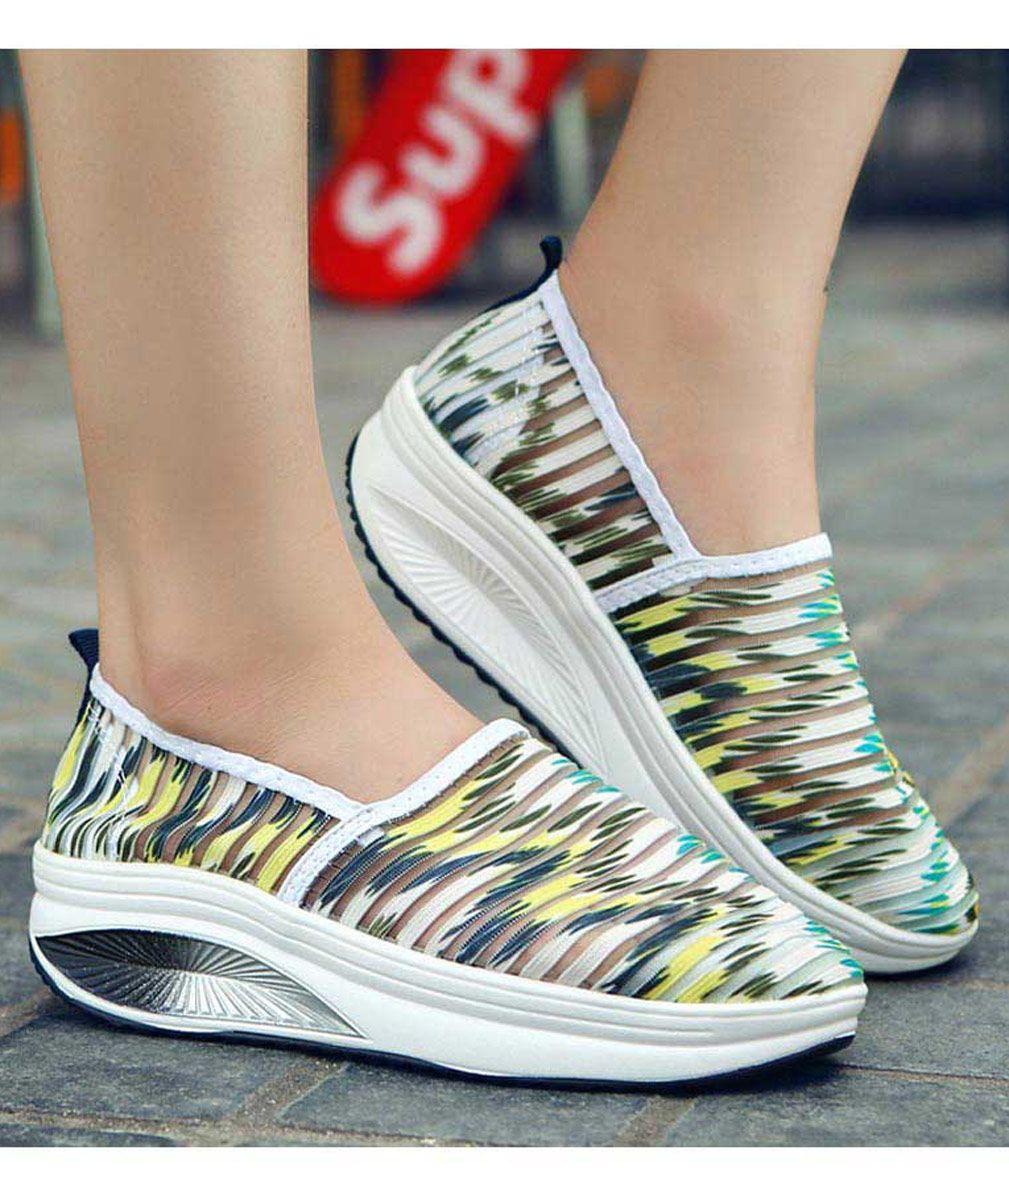 Women S Green Leather Slip On Rocker Sole Shoe Sneakers Pattern Stripe Design Rocker Bottom Shoes Sneakers Shape Up Shoes